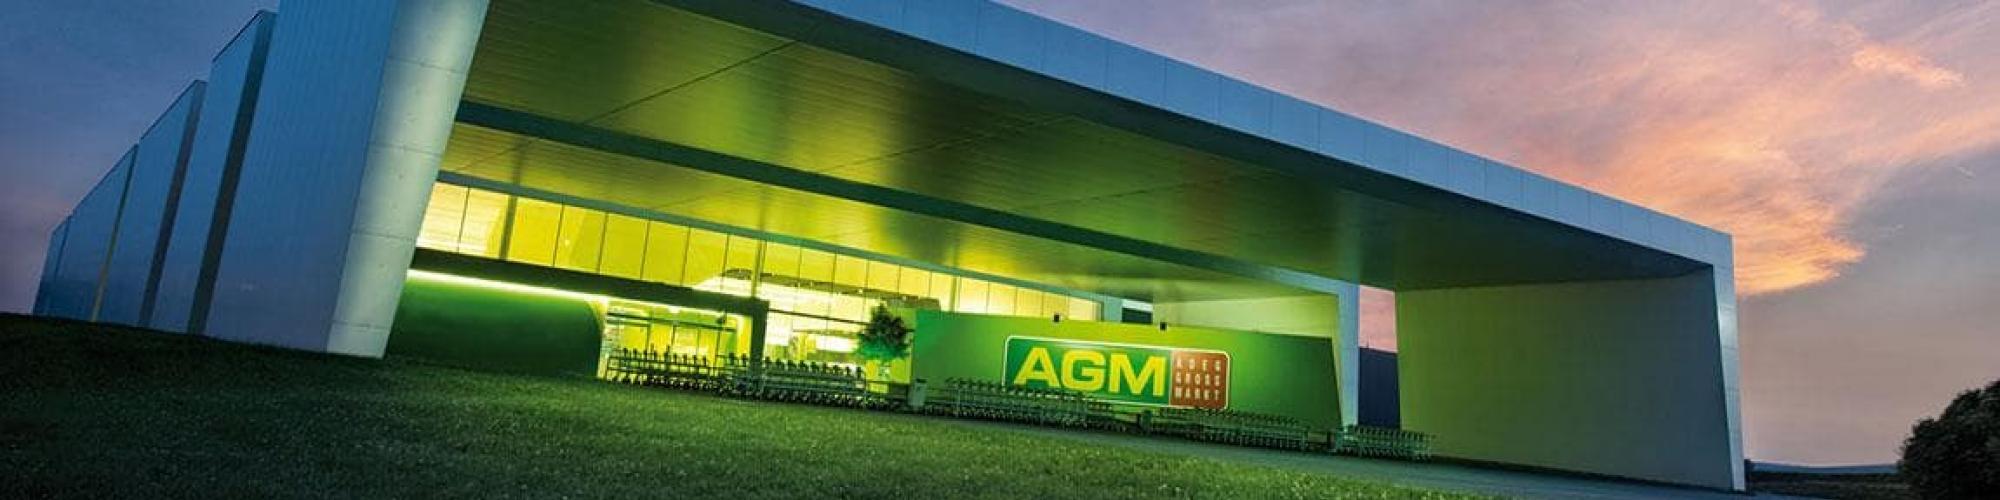 C&C Abholgroßmärkte Ges.m.b.H. (AGM)